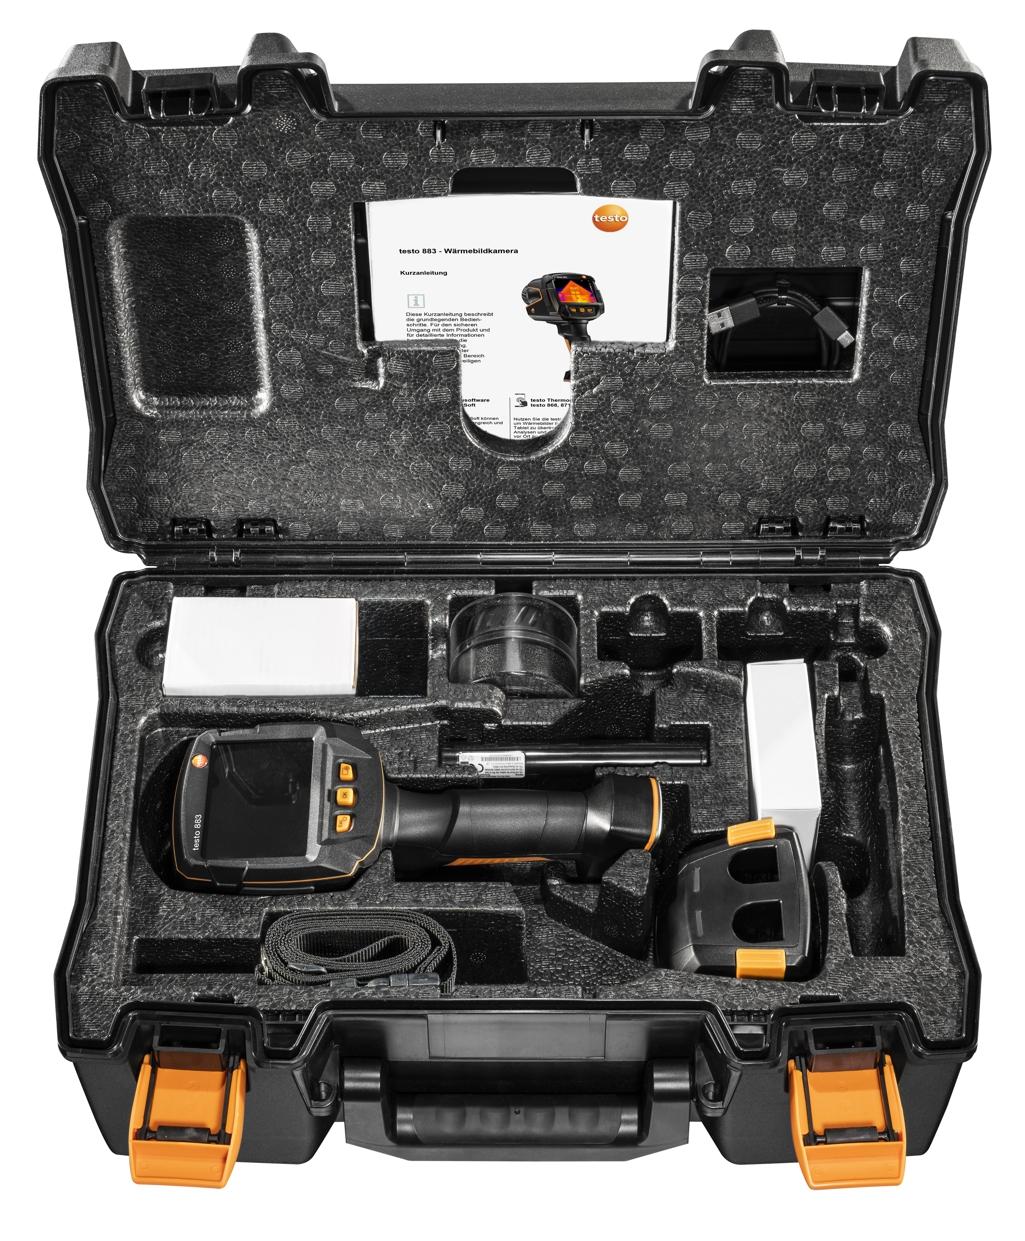 Wärmebildkamera testo 883 - Set mit Wechselobjektiv